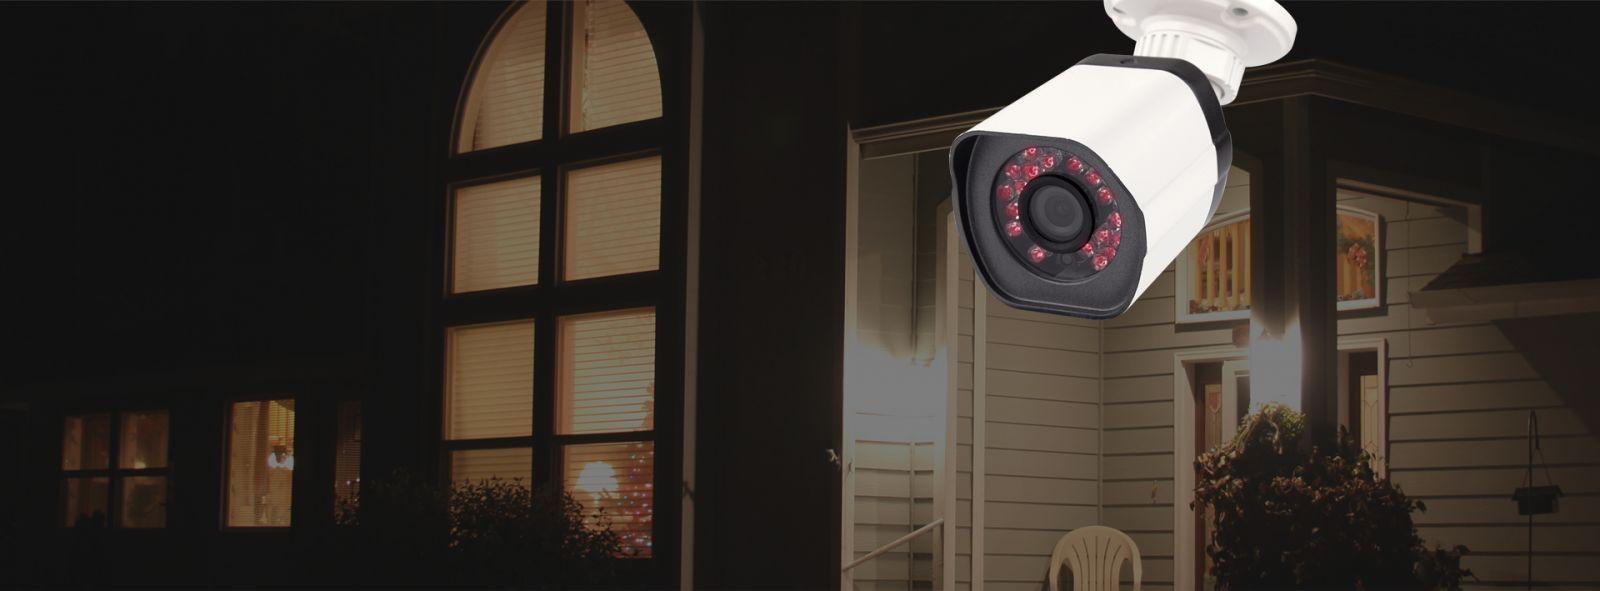 Комплект IP-видеонаблюдения с 4 камерами ZMODO ZM-SS76D9D4-SC+1Tb